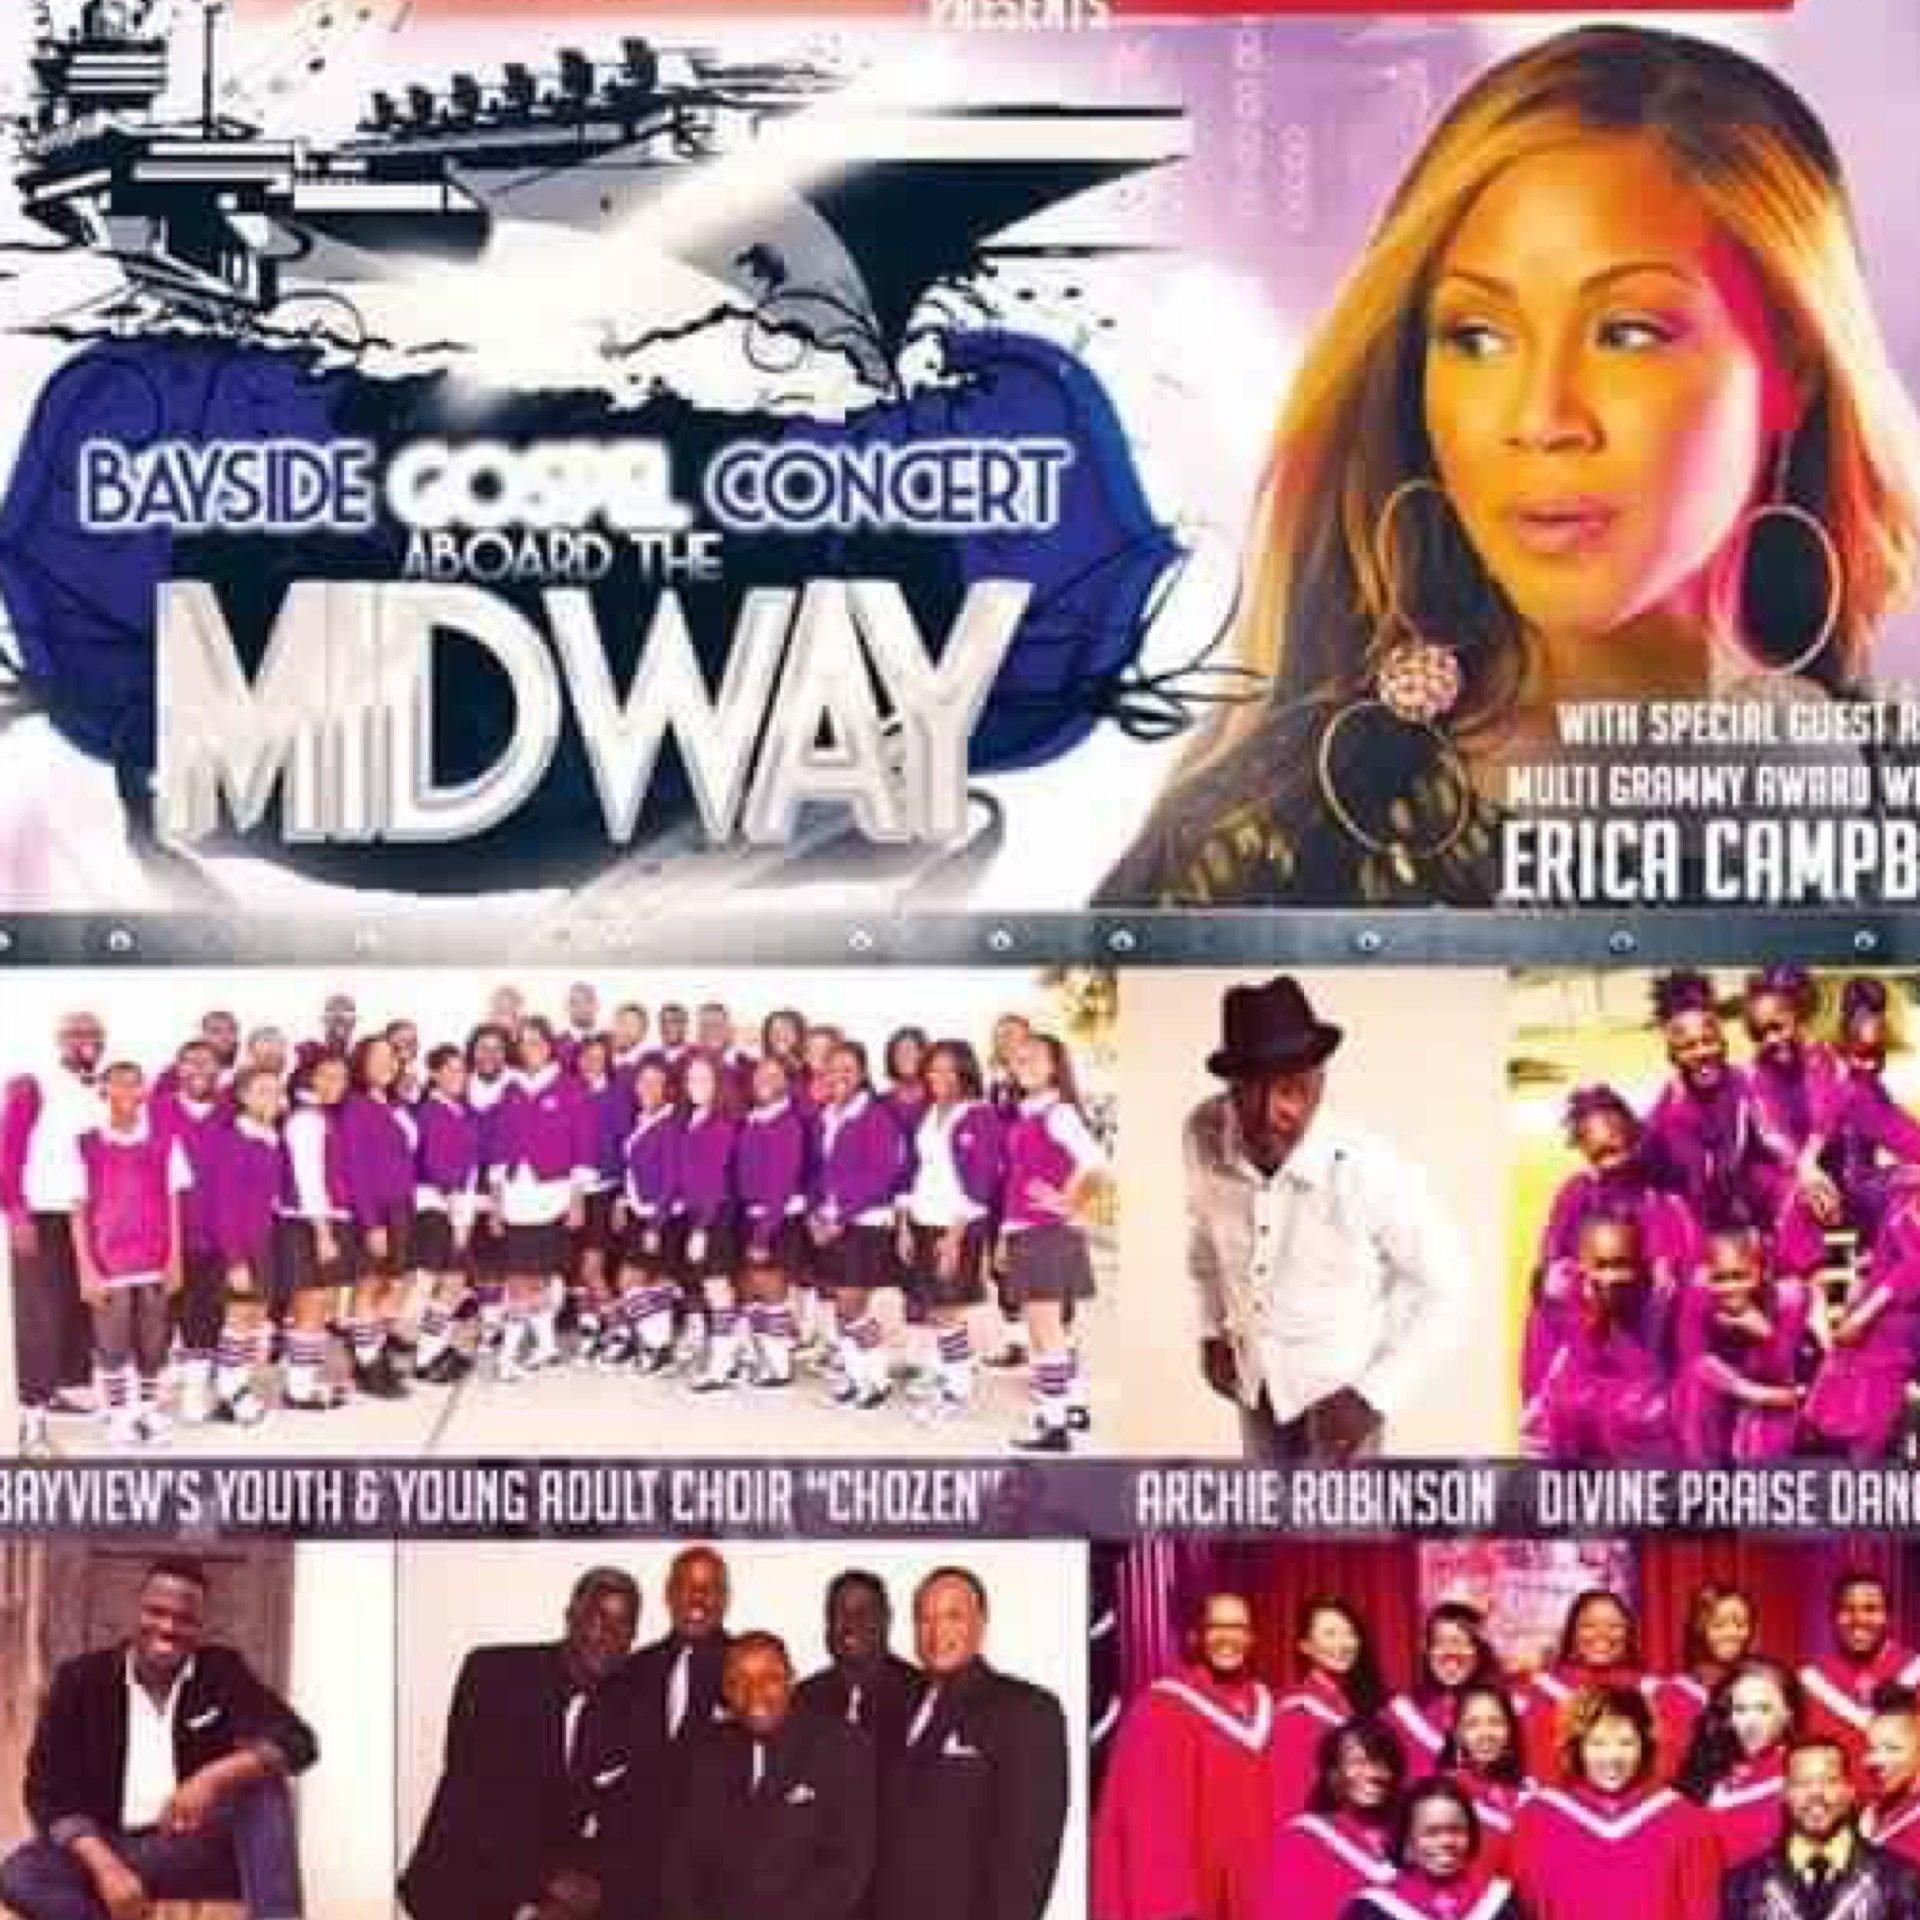 Midway VIP Ticket 01F3B8DE-8F3C-42C5-857D-8238D76381F7